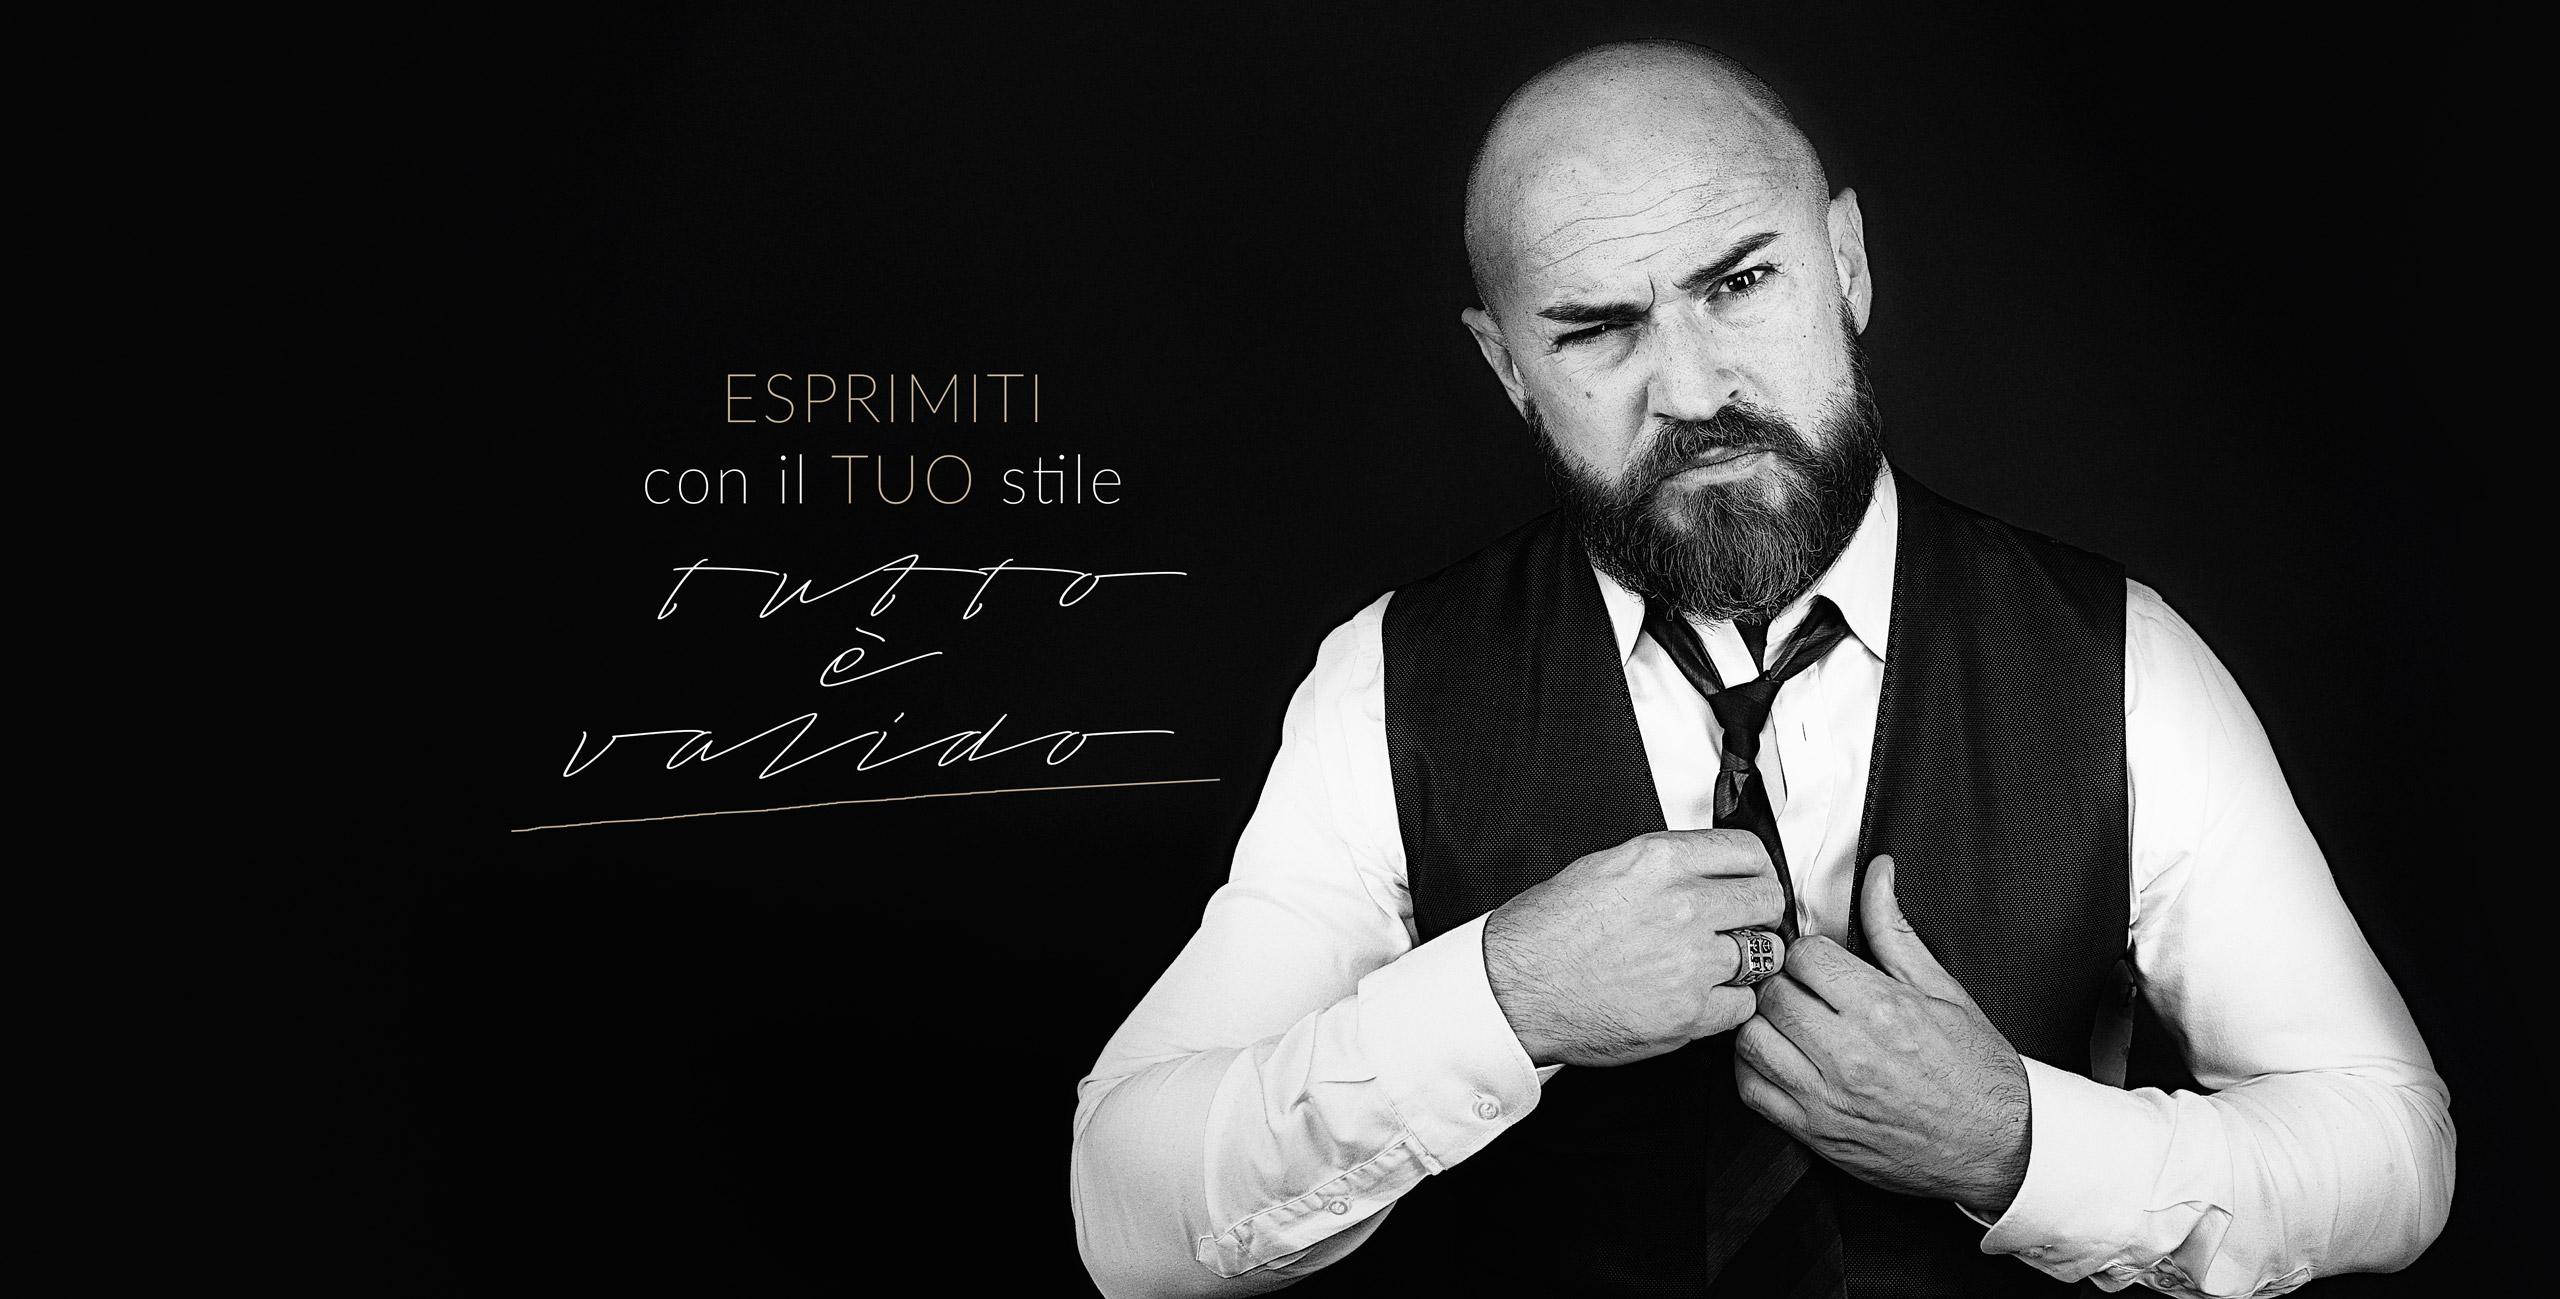 immagine 1 Mauro